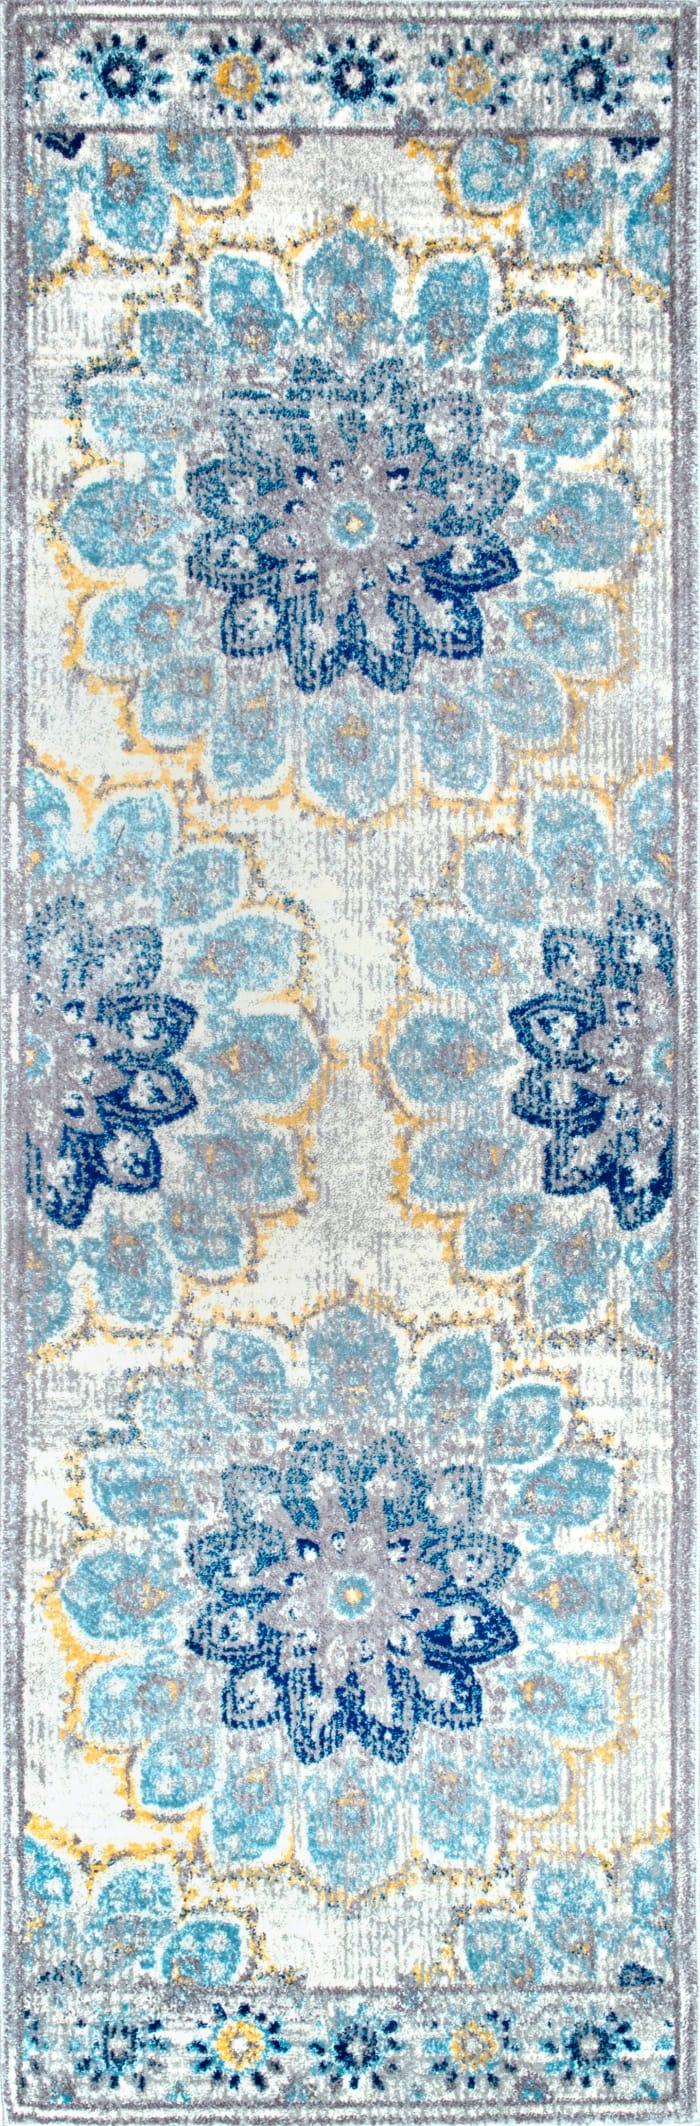 Vintage Floral Kiyoko 7' x 9' Blue Rug